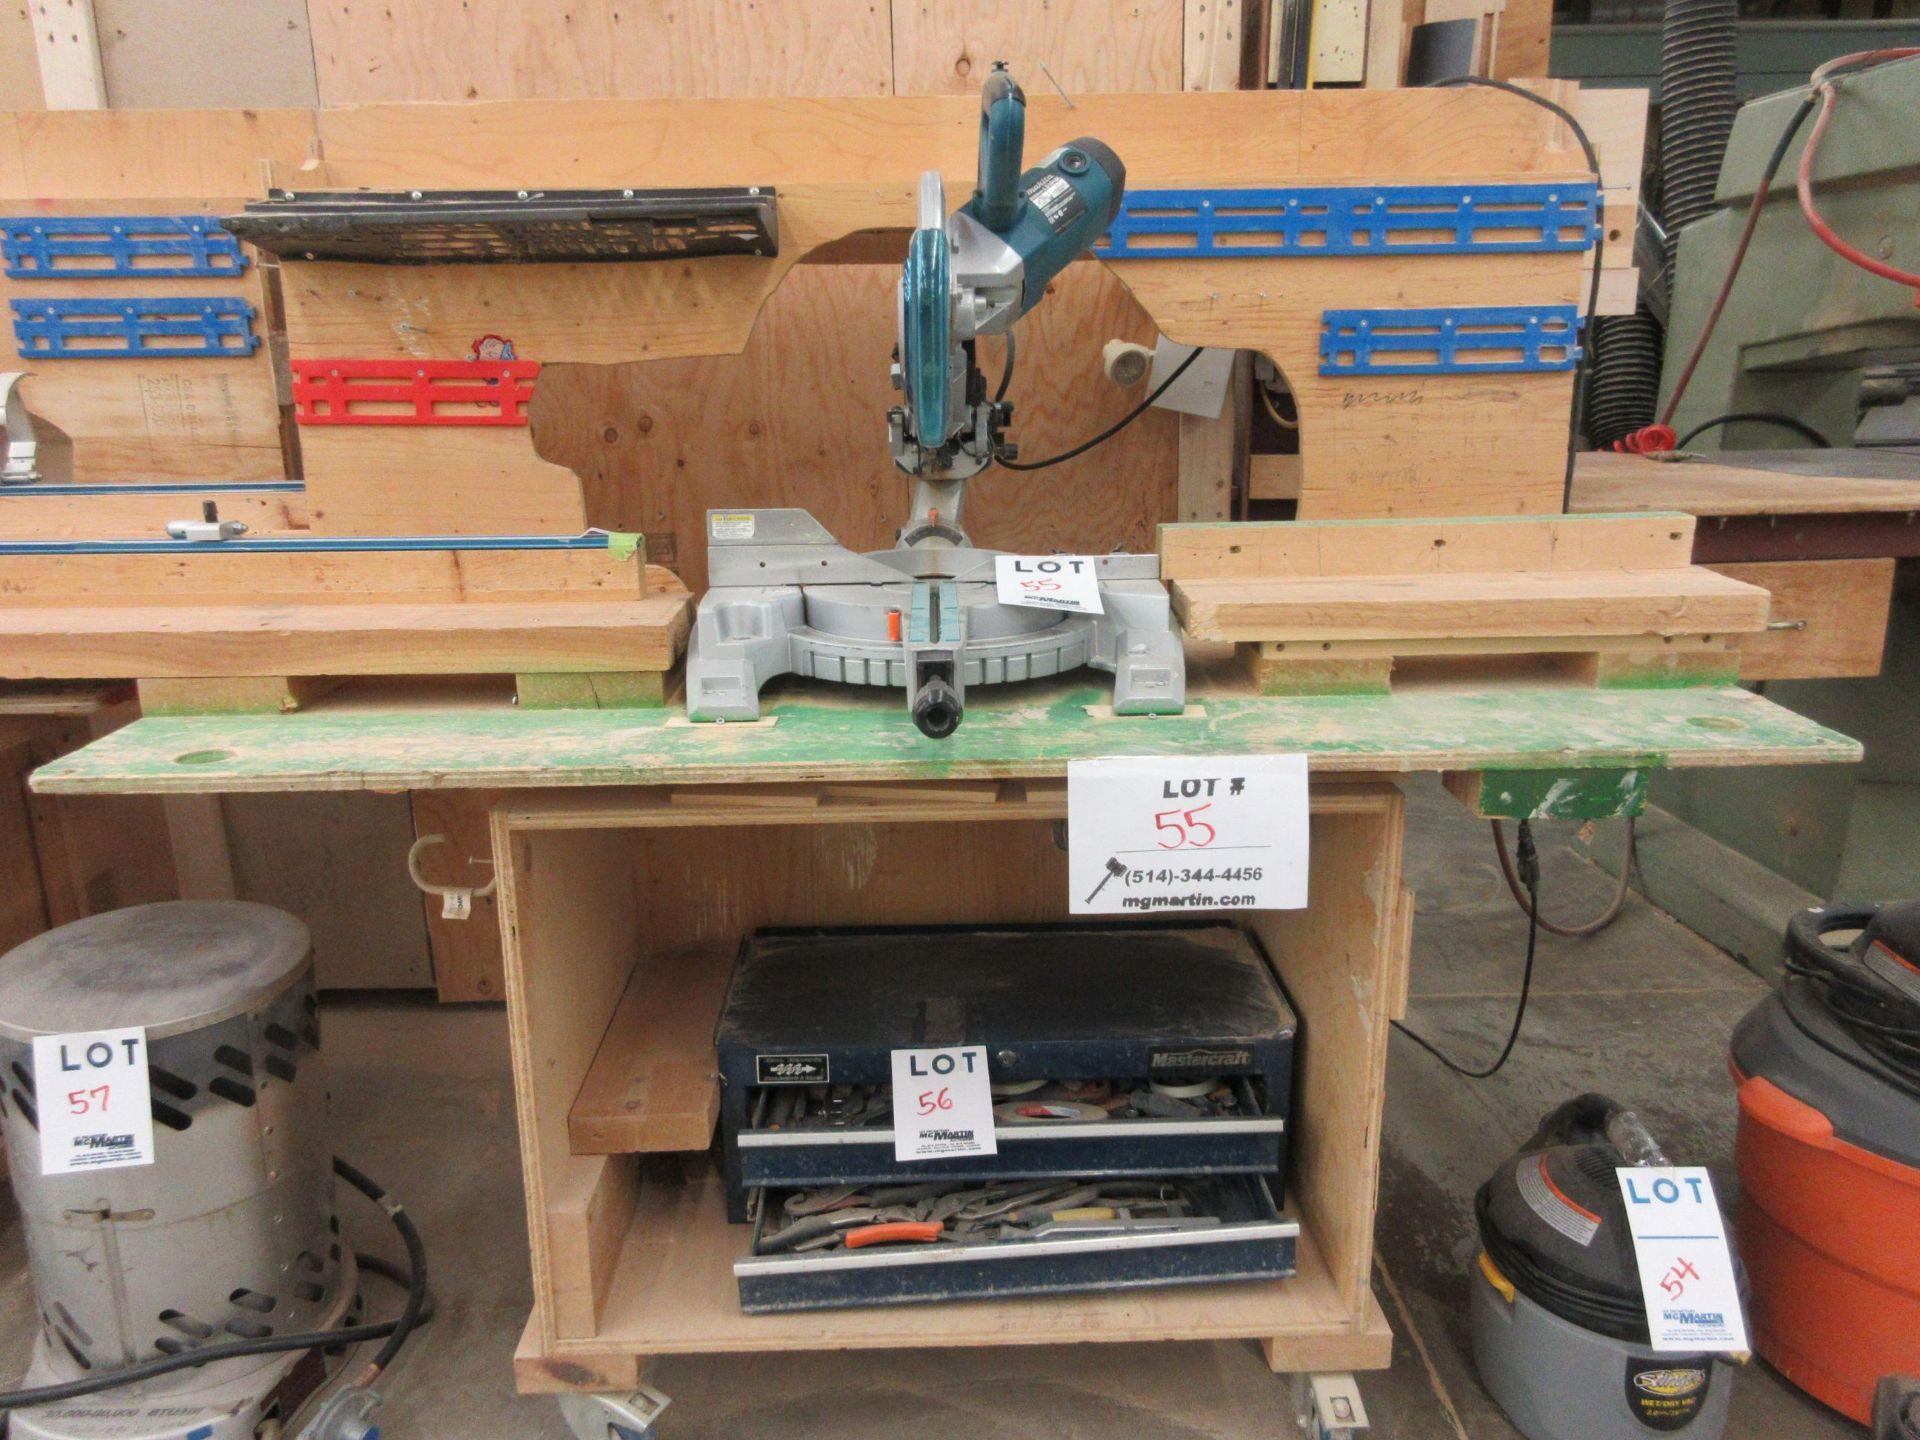 MAKITA miter saw, Mod: LS1018L c/w work table